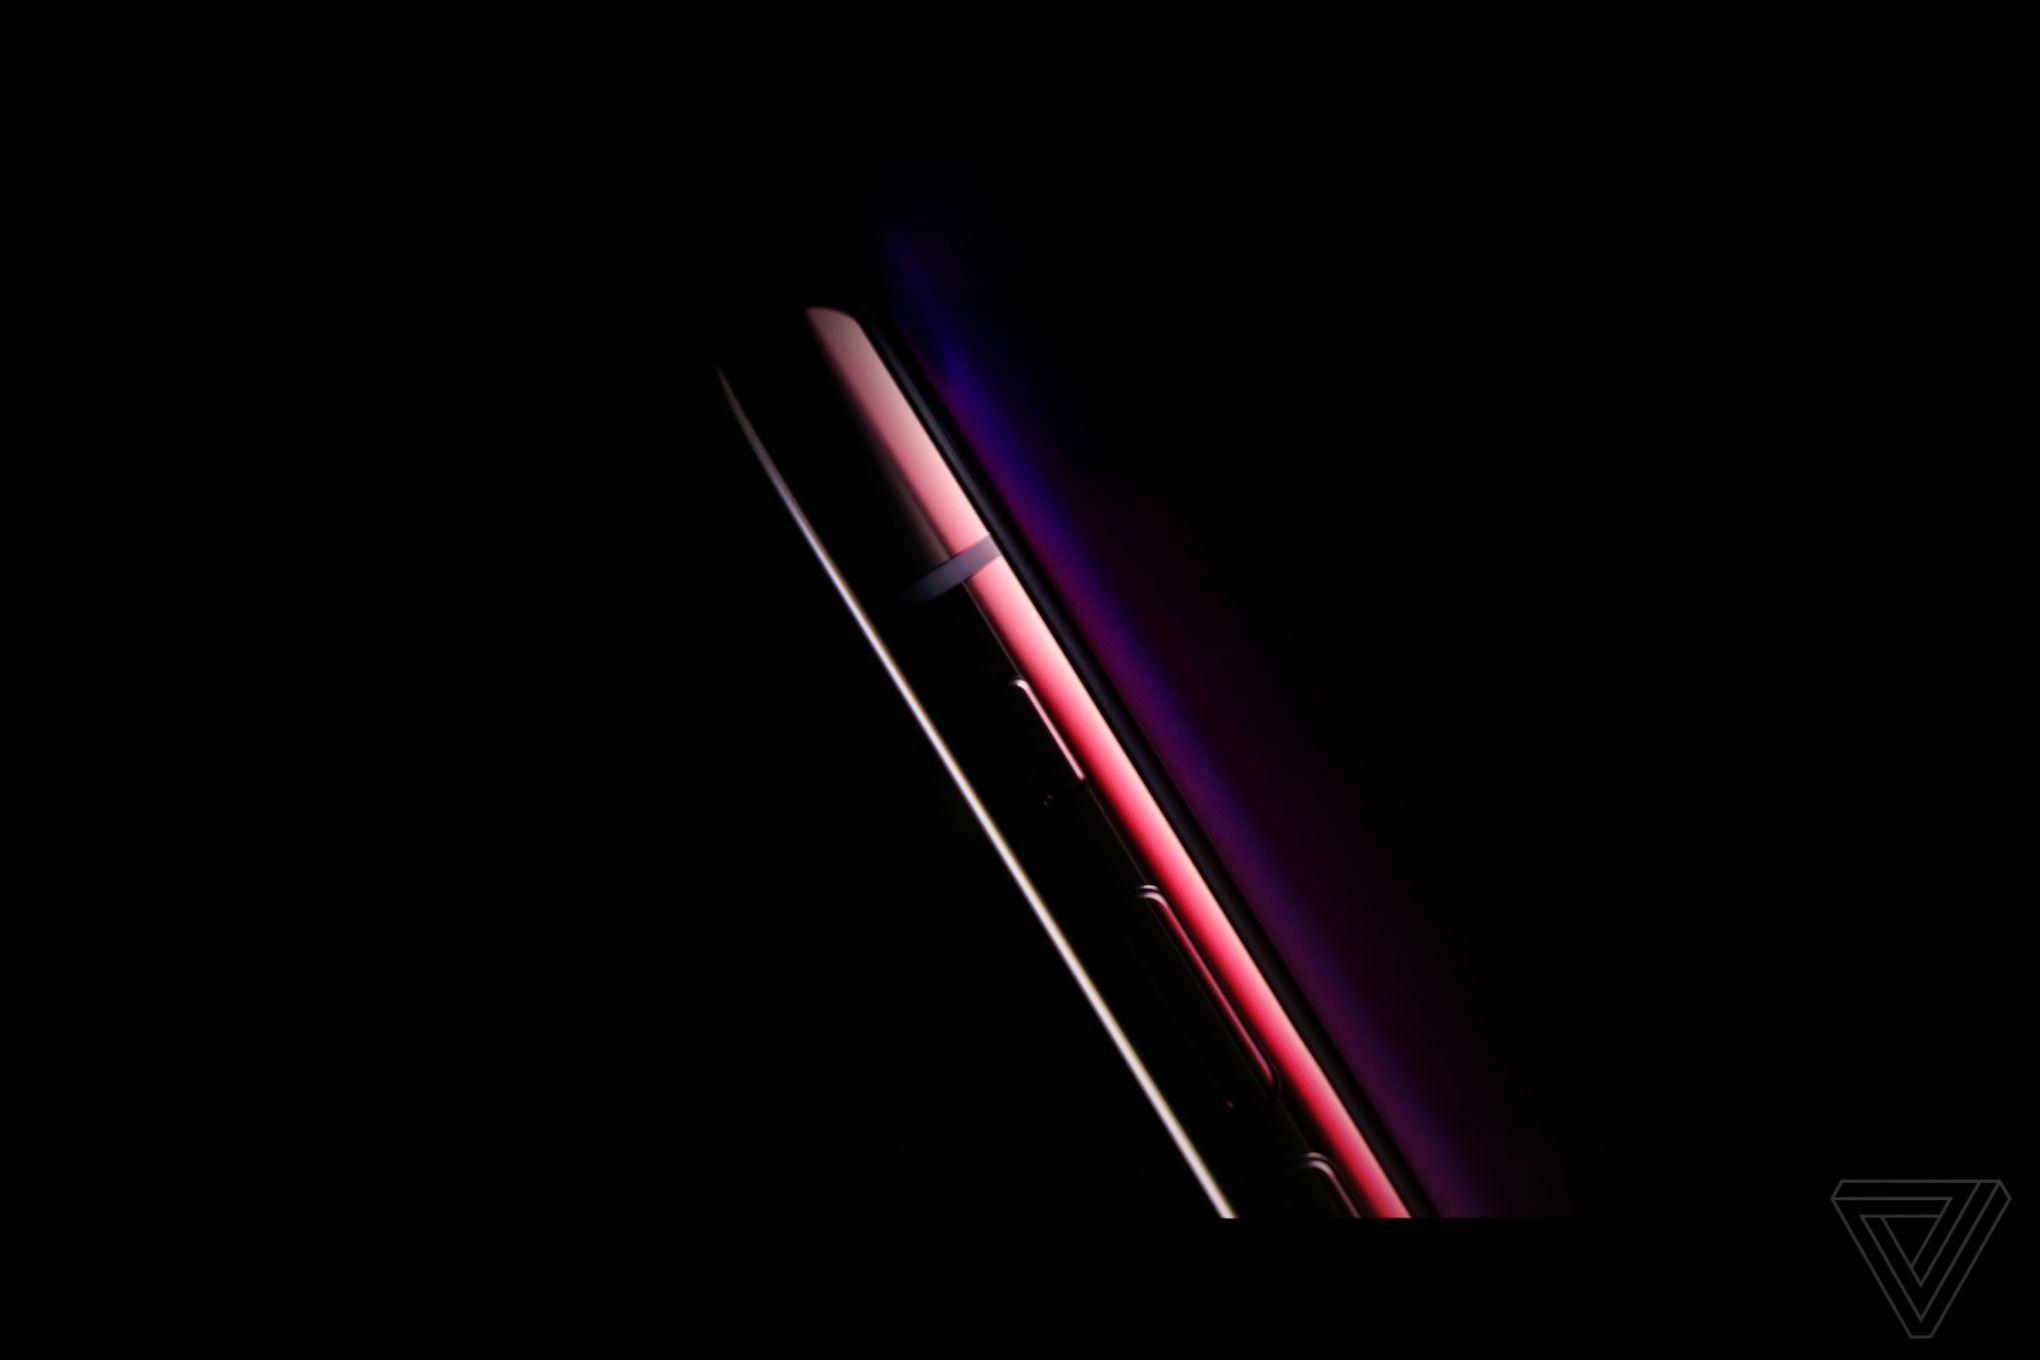 Chiếc iPhone X bao nhiêu người mong đợi đây rồi - Ảnh 5.